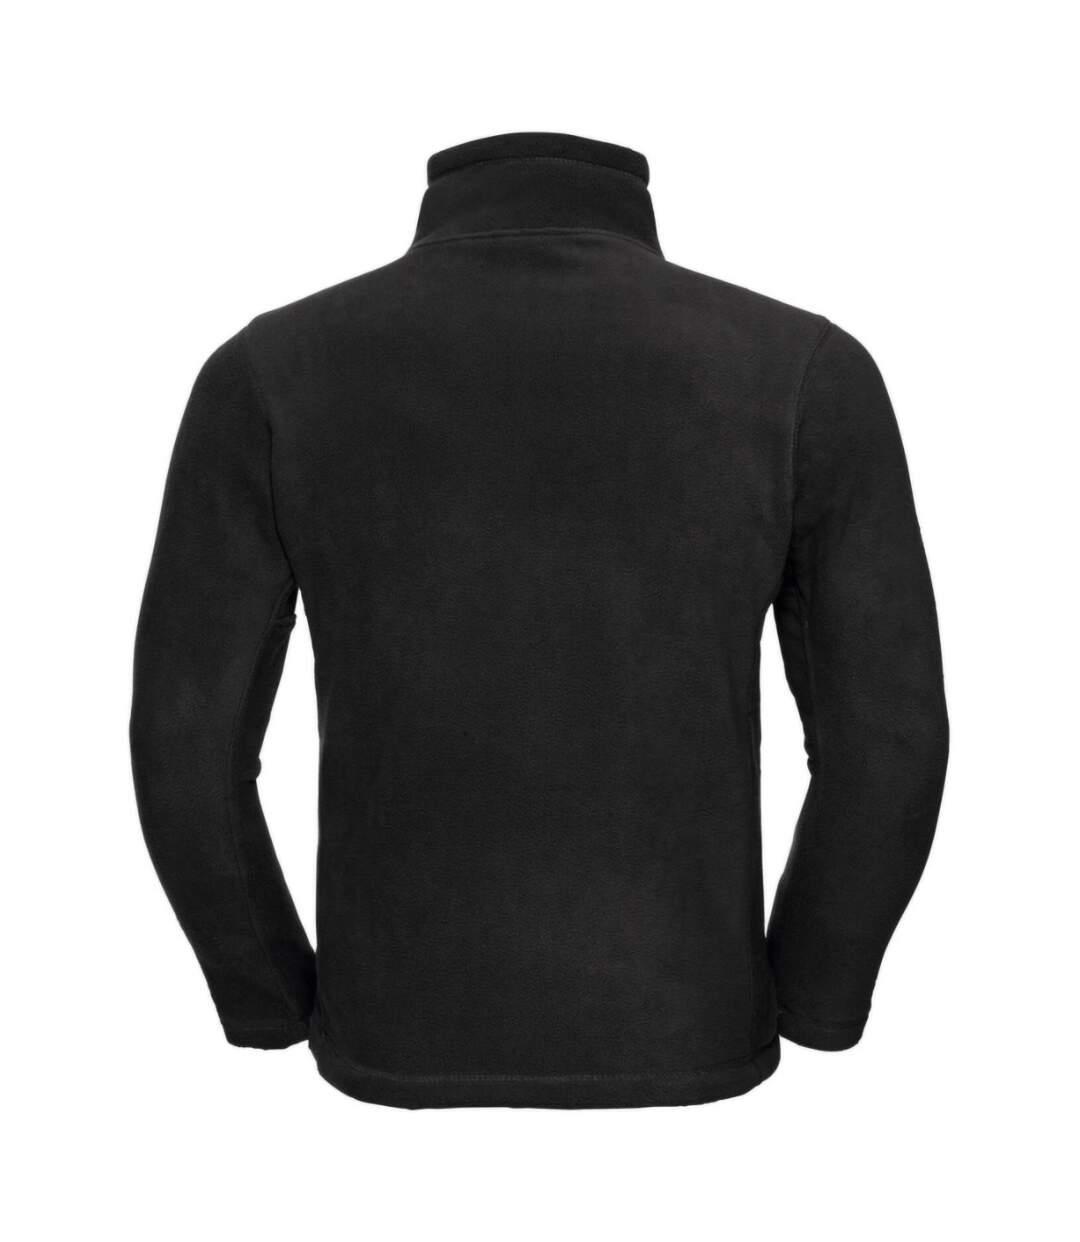 Russell Mens 1/4 Zip Outdoor Fleece Top (Black) - UTBC1438